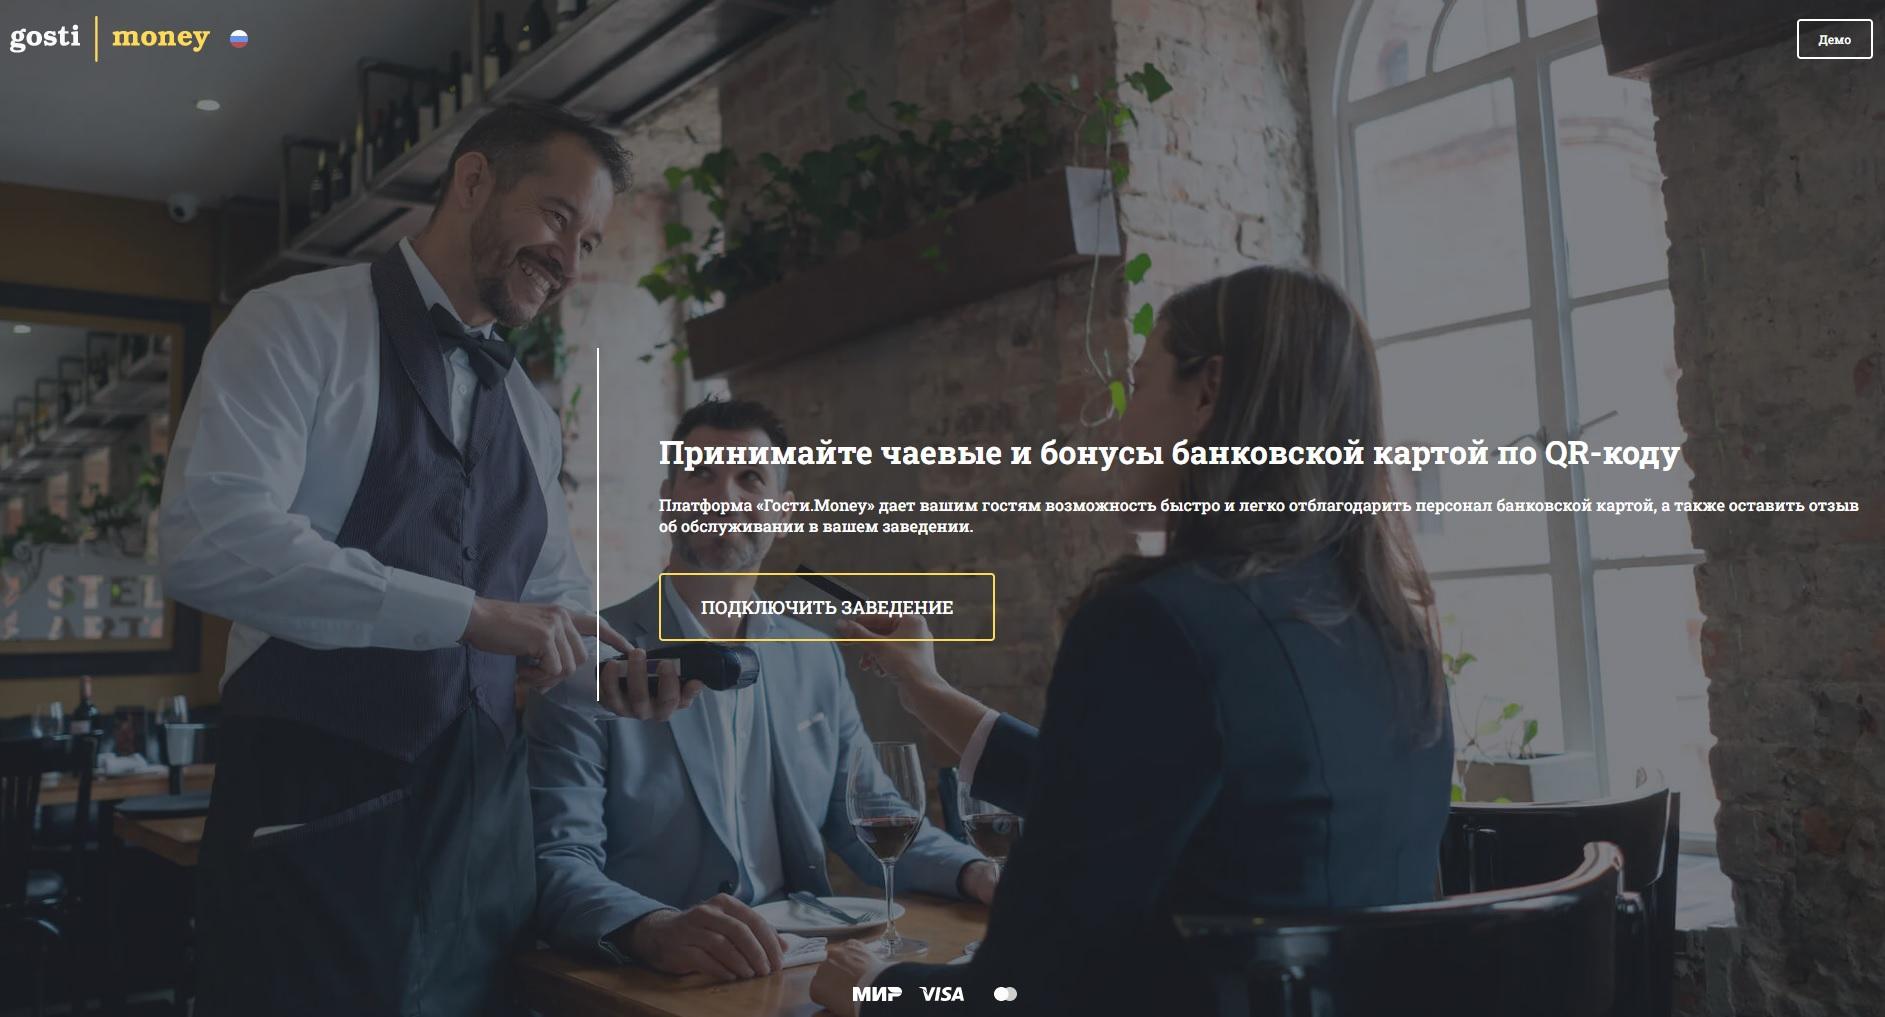 Гости.Money - новое решение для предприятий сервиса, сайт: gosti.money